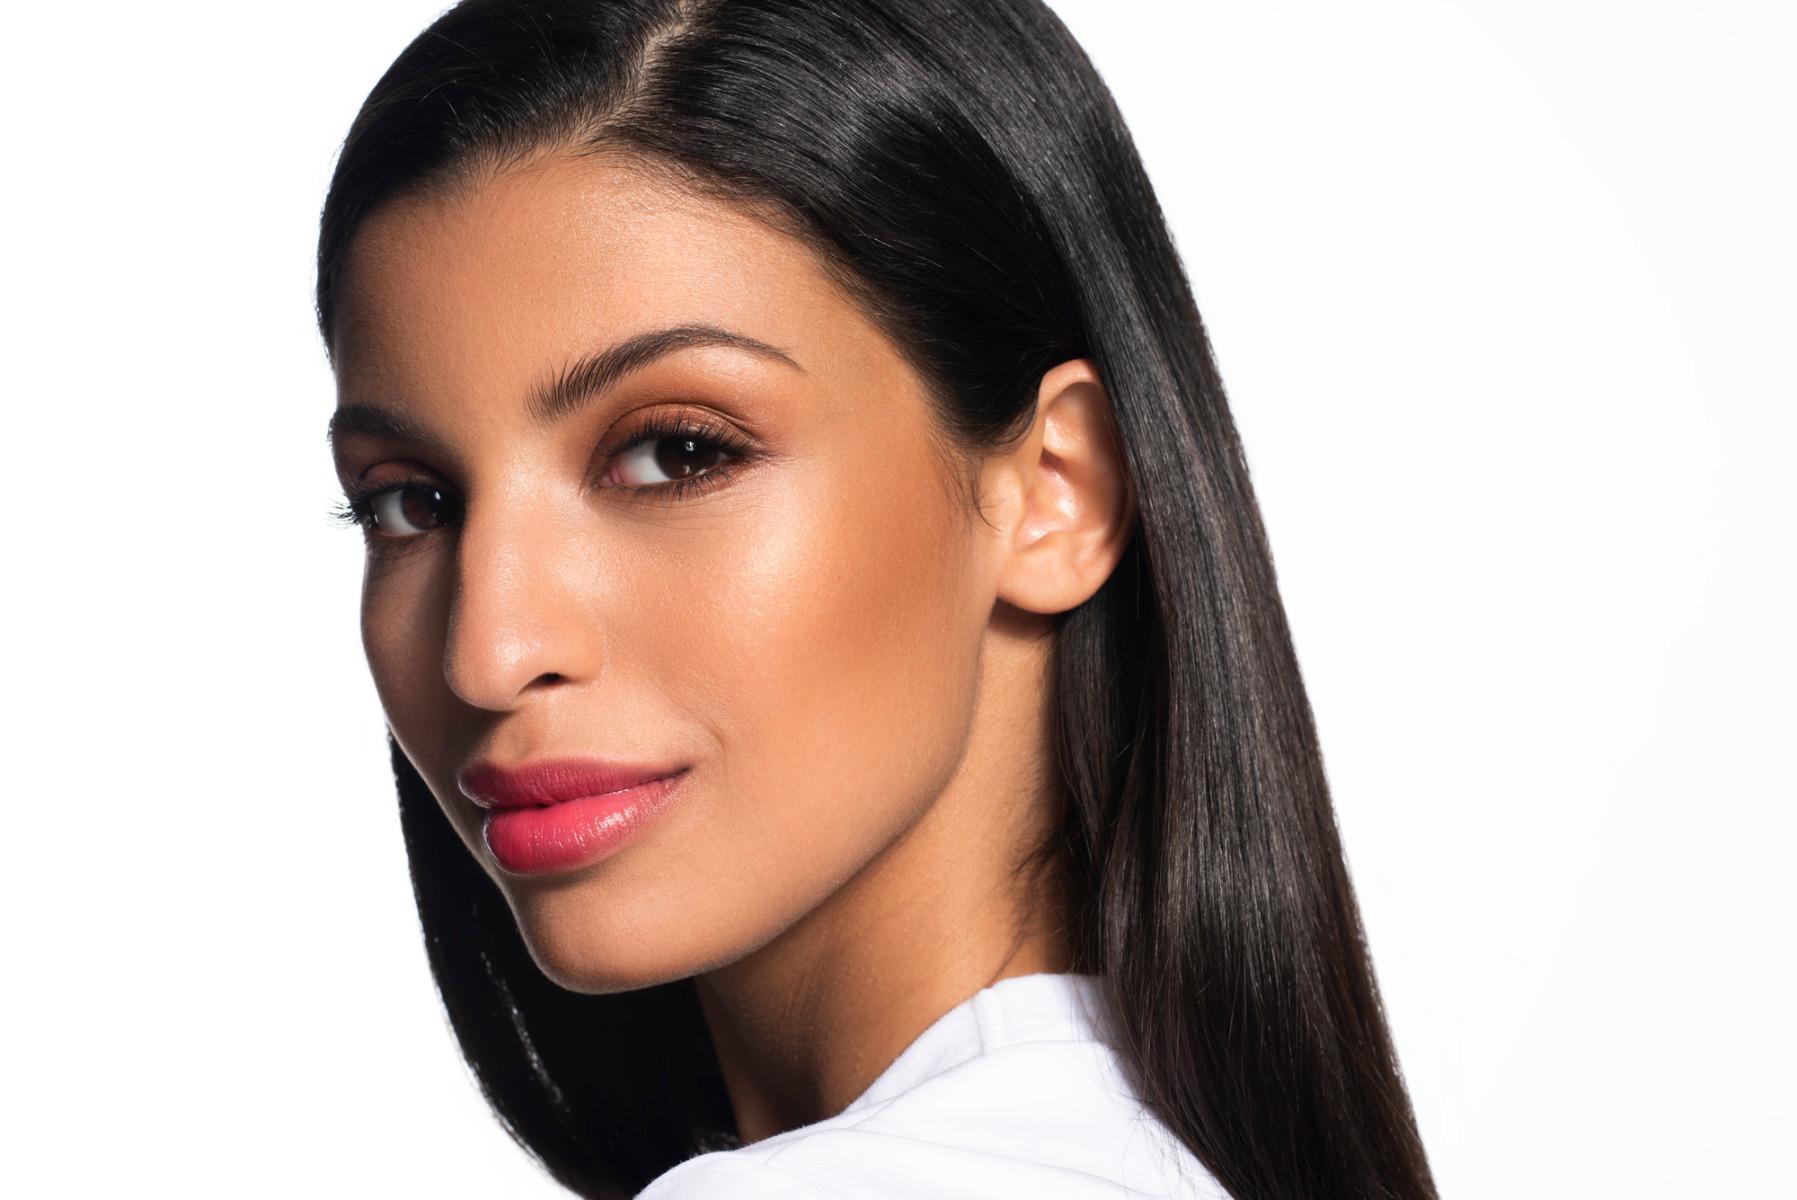 Makeup Look on Dry Skin